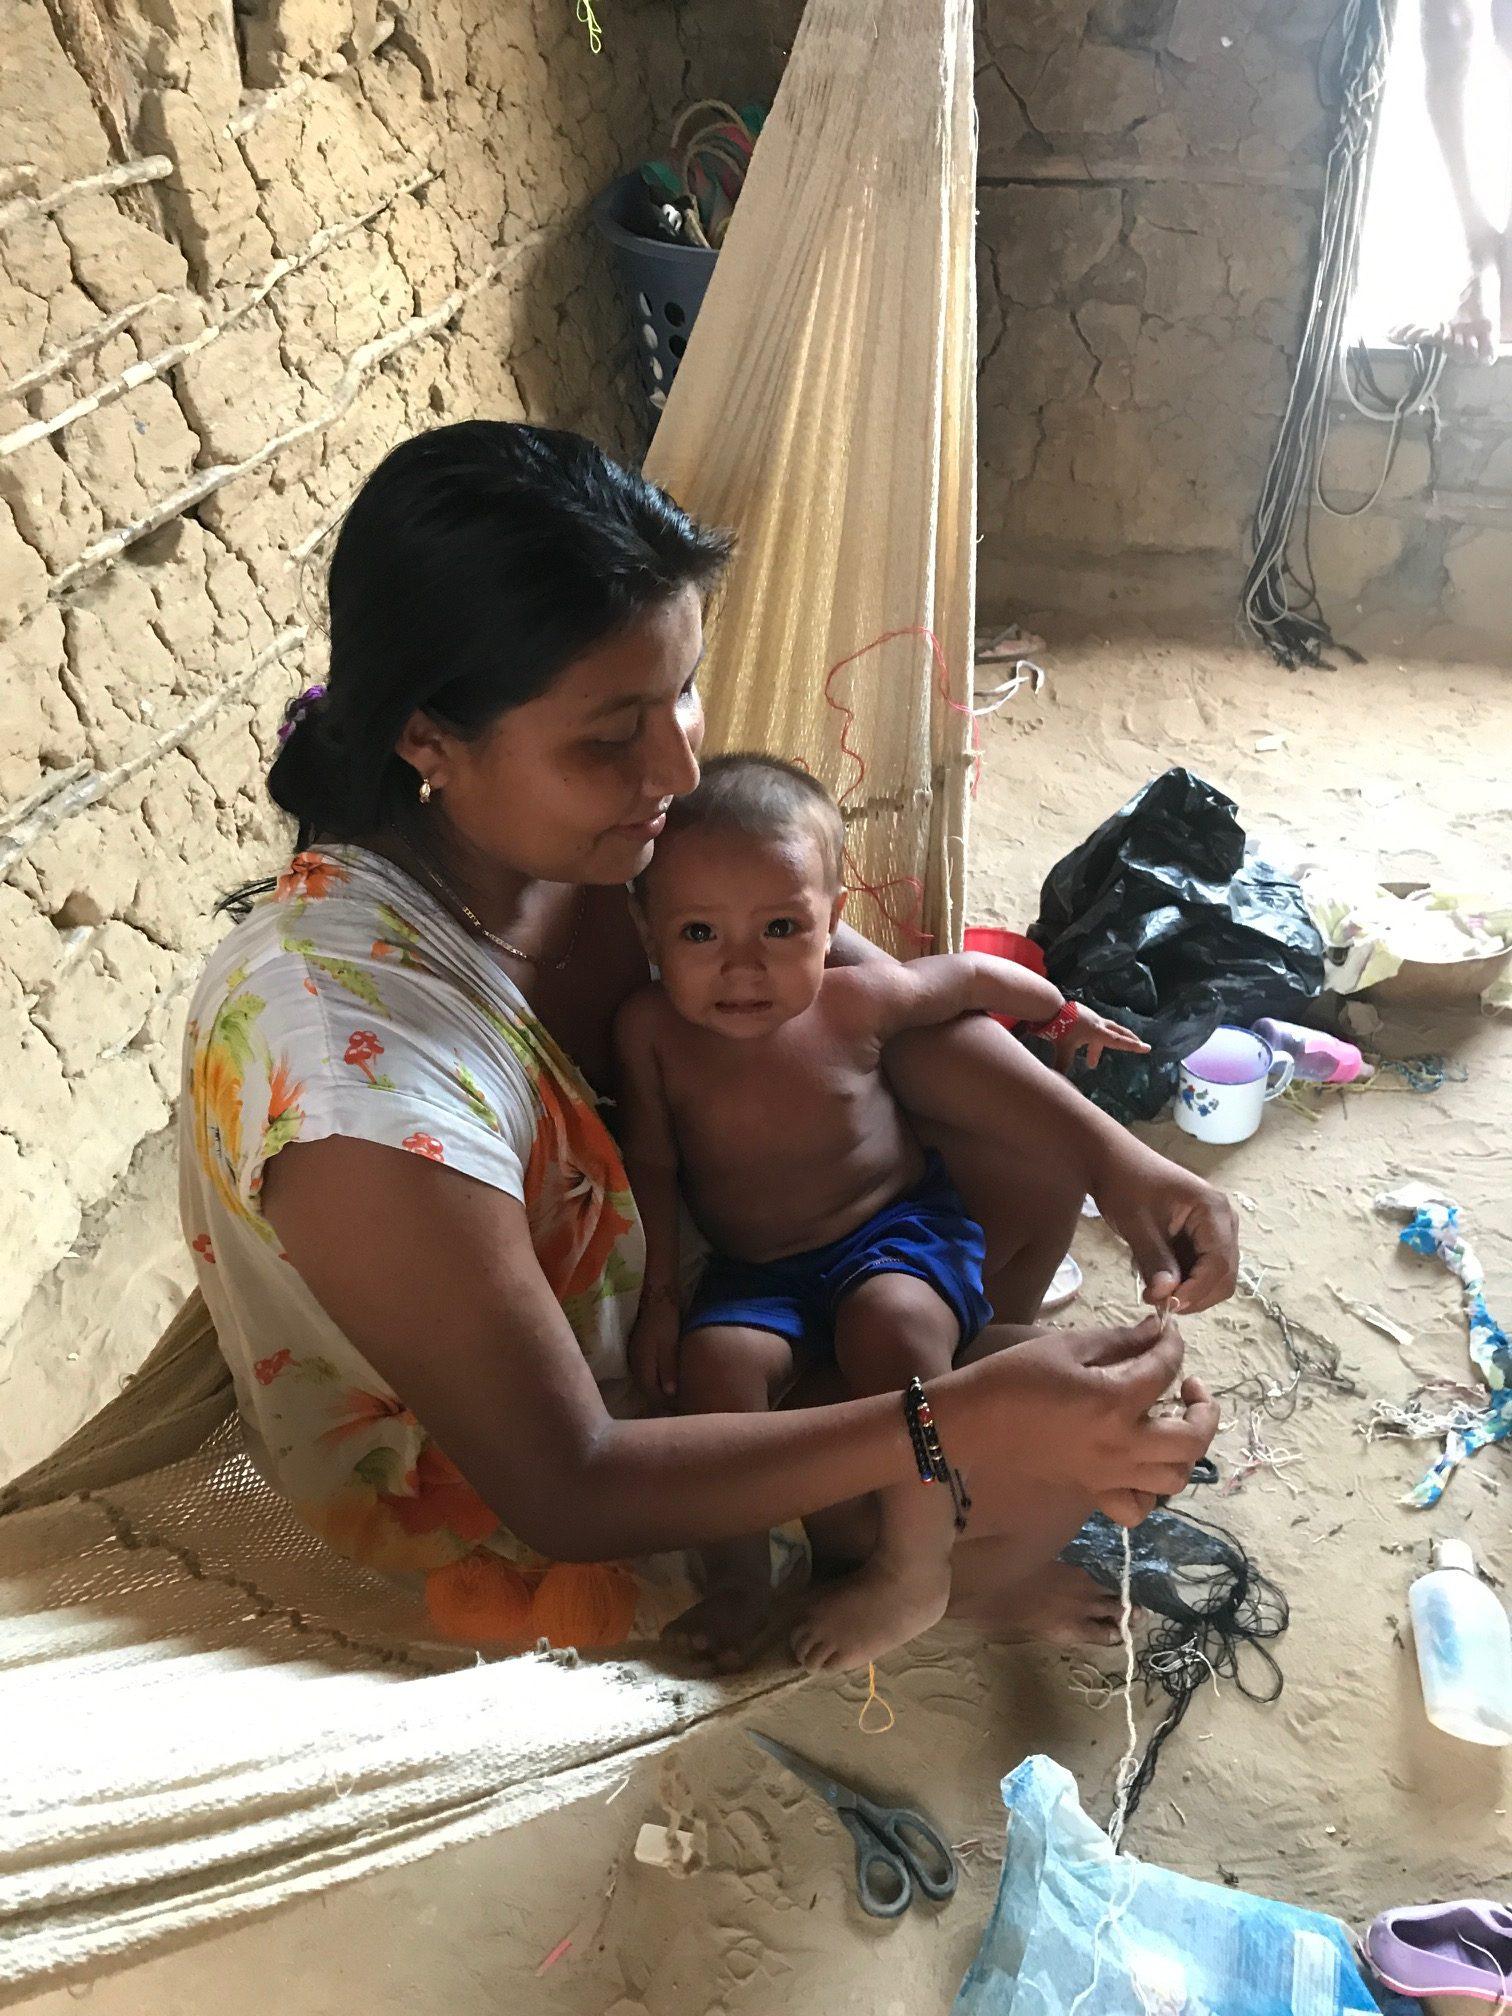 Alianza por Servicios Basicos Integrales en comunidades vulnerables visita comunidades en la Guajira